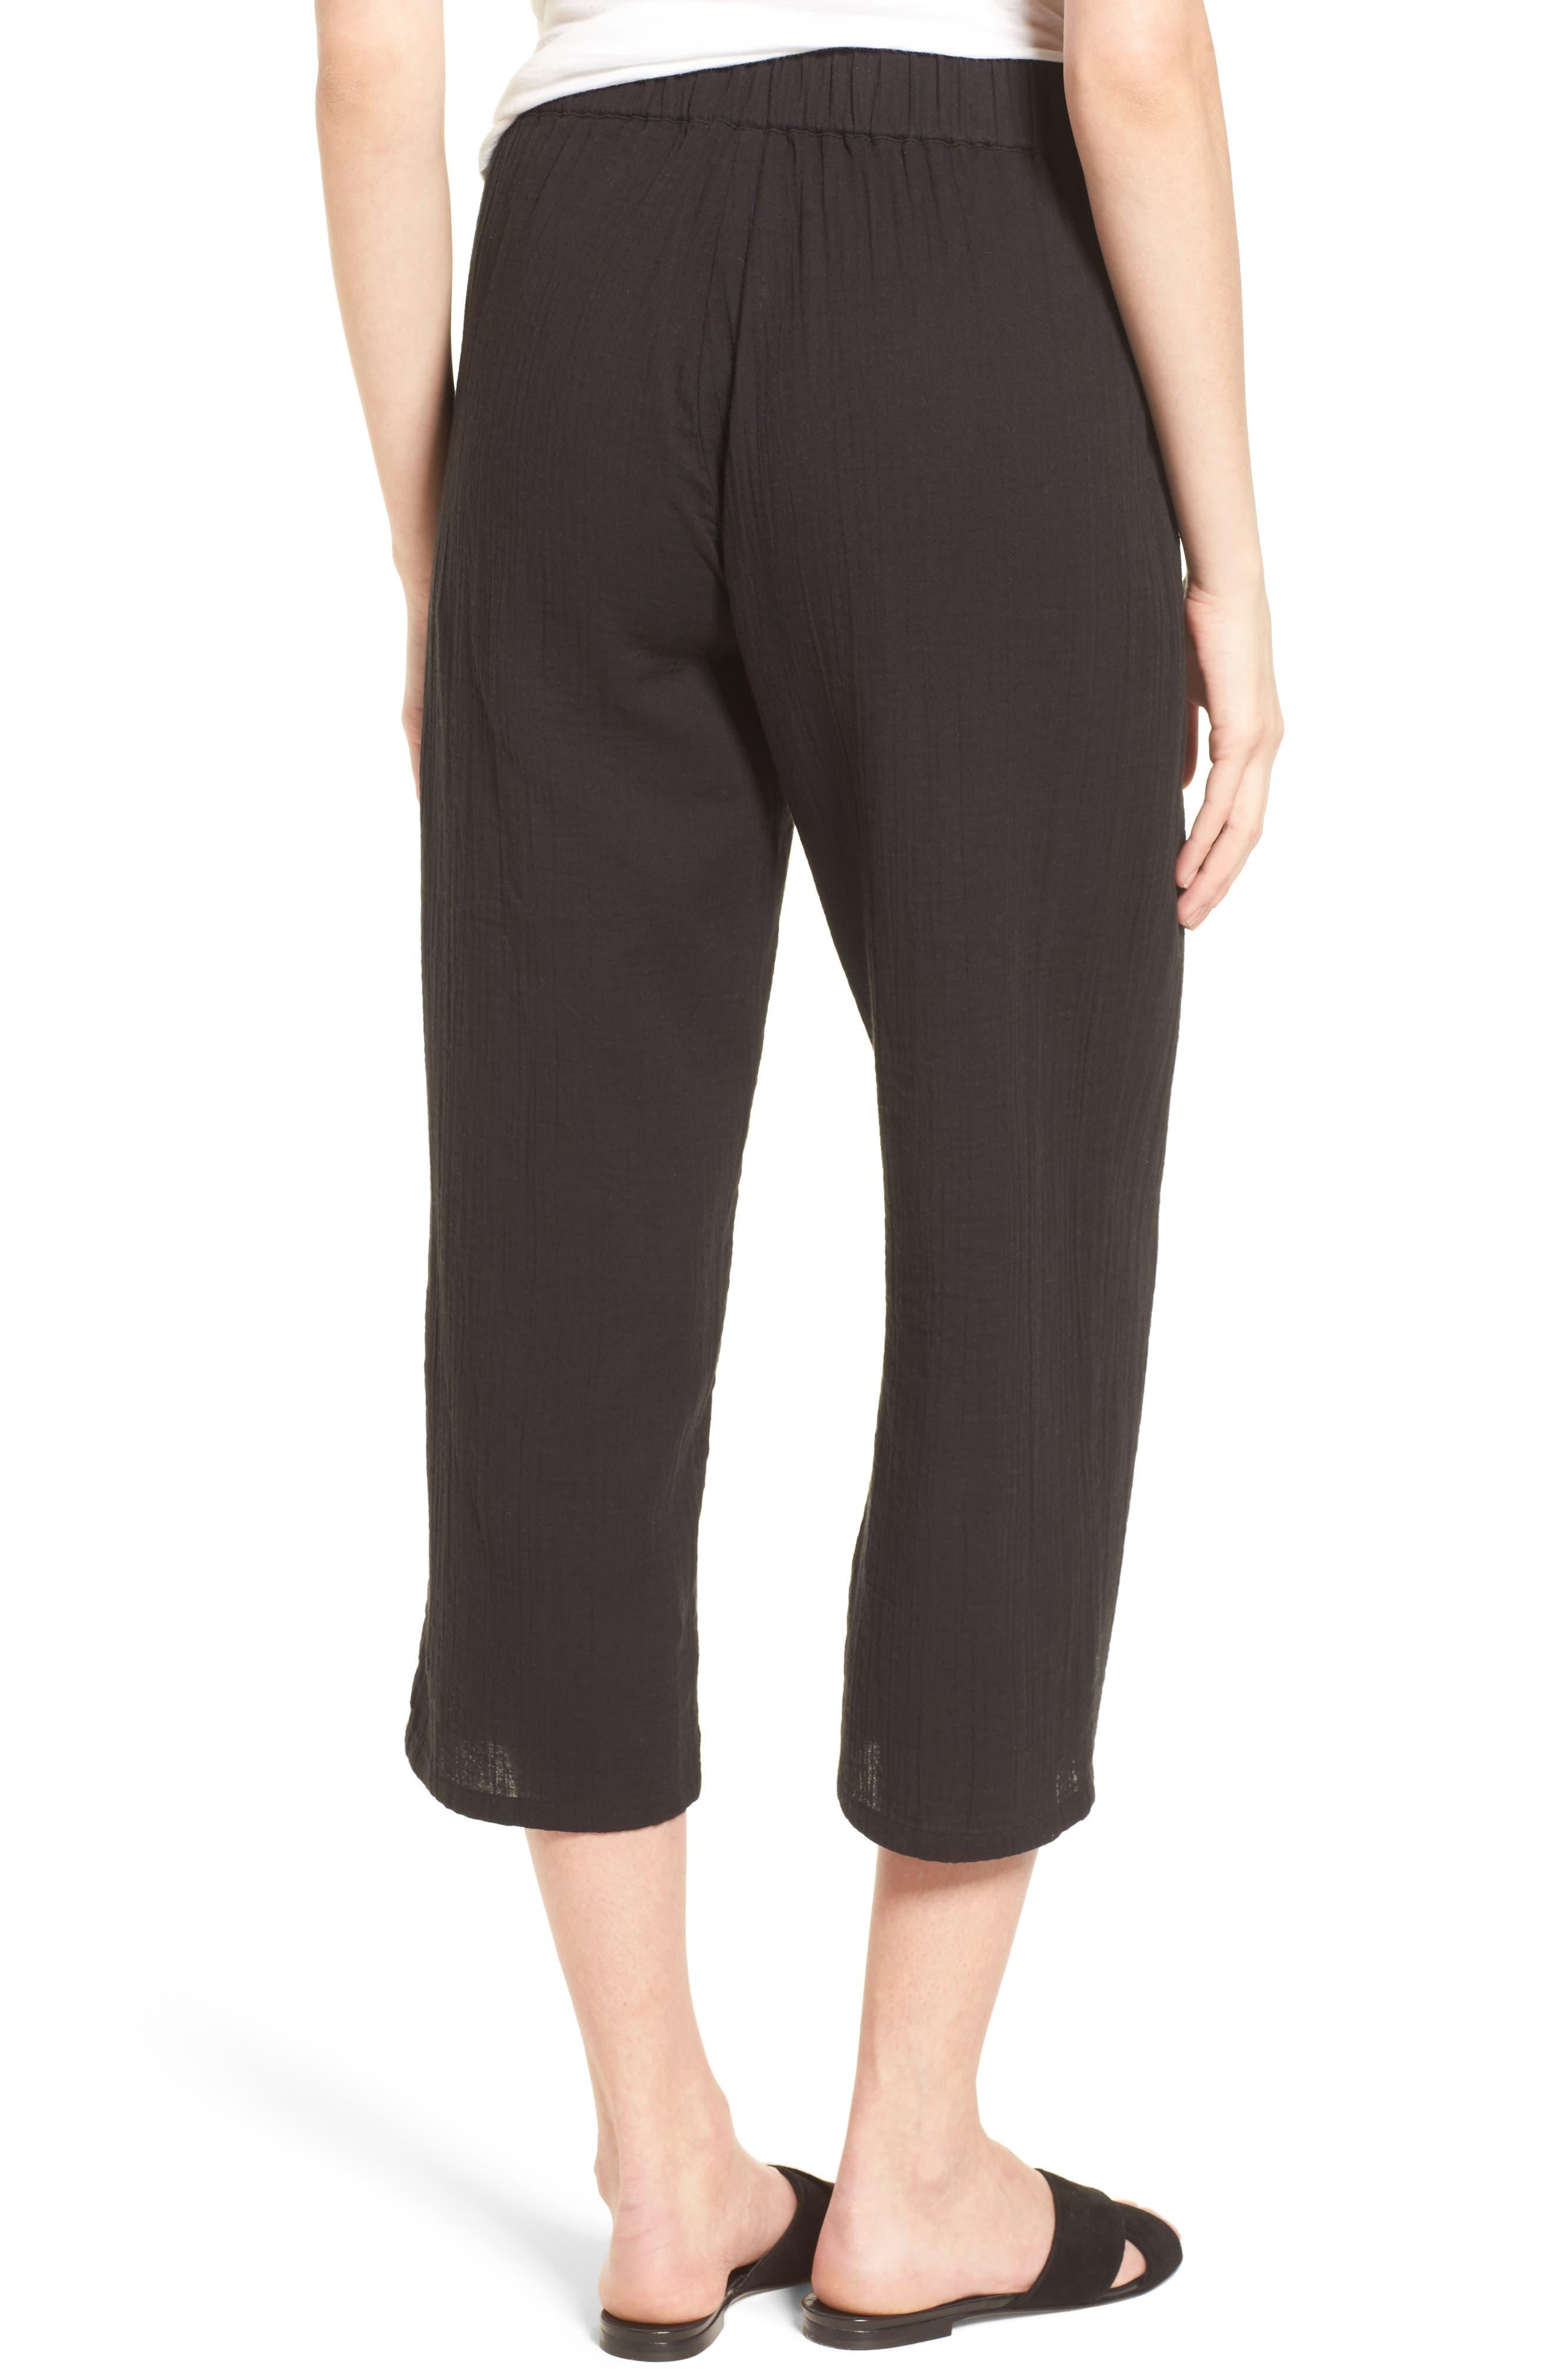 Organic Cotton Crop Pants,                             Alternate thumbnail 2, color,                             001